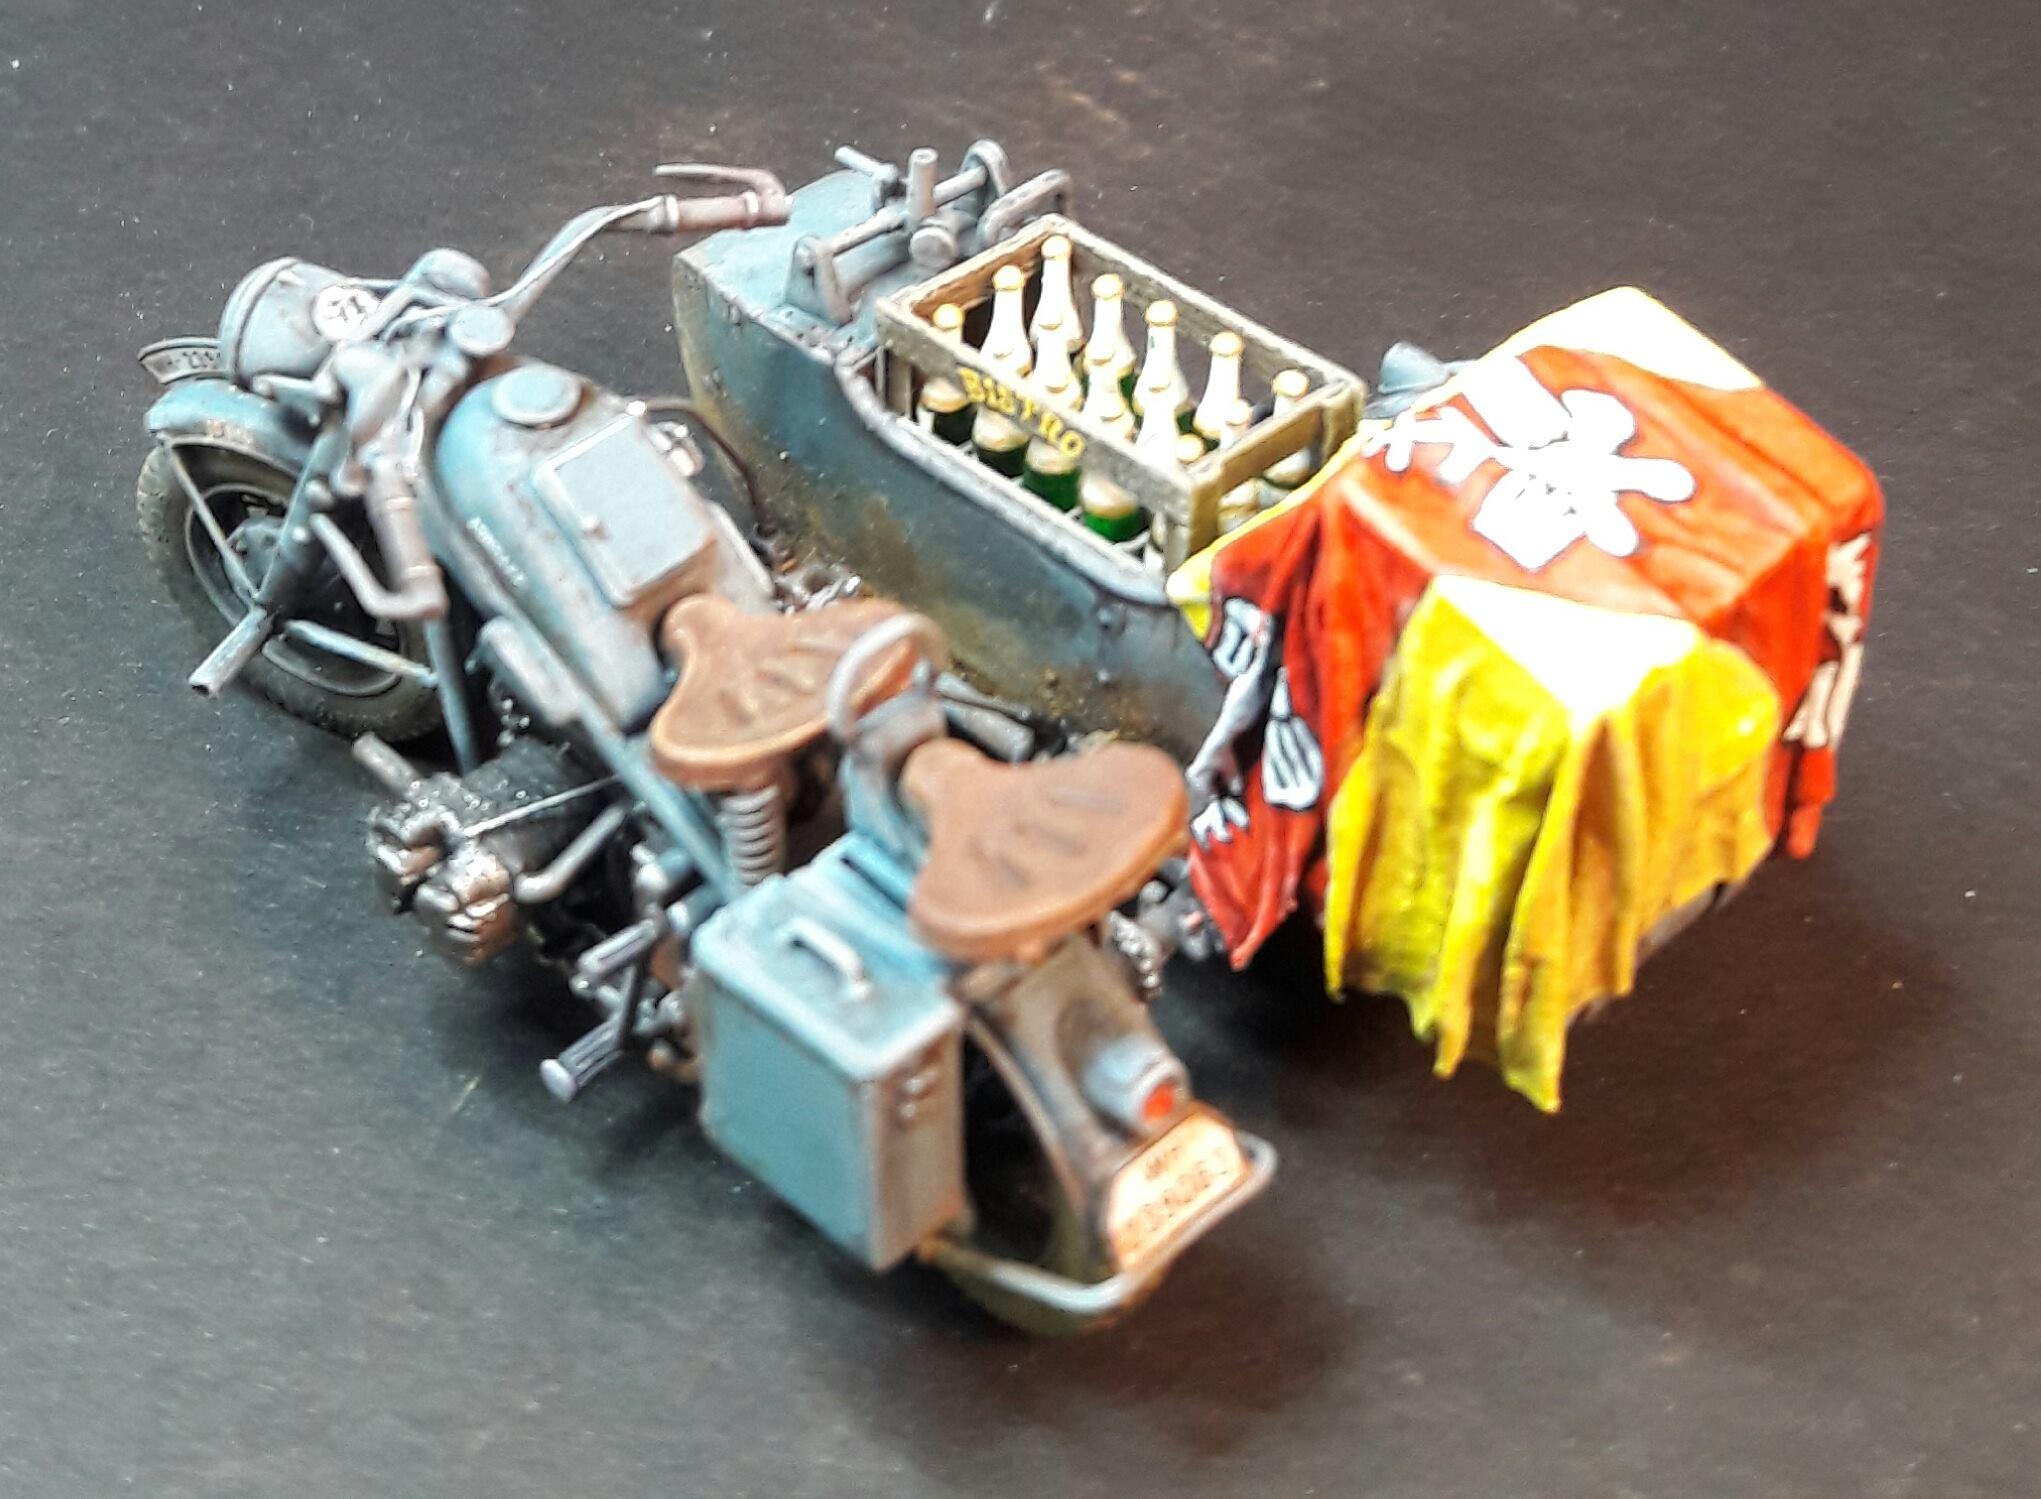 Zündapp KS750 - Sidecar - Great Wall Hobby + figurines Alpine - 1/35 - Page 5 15753420050390102117868052801291682948131o